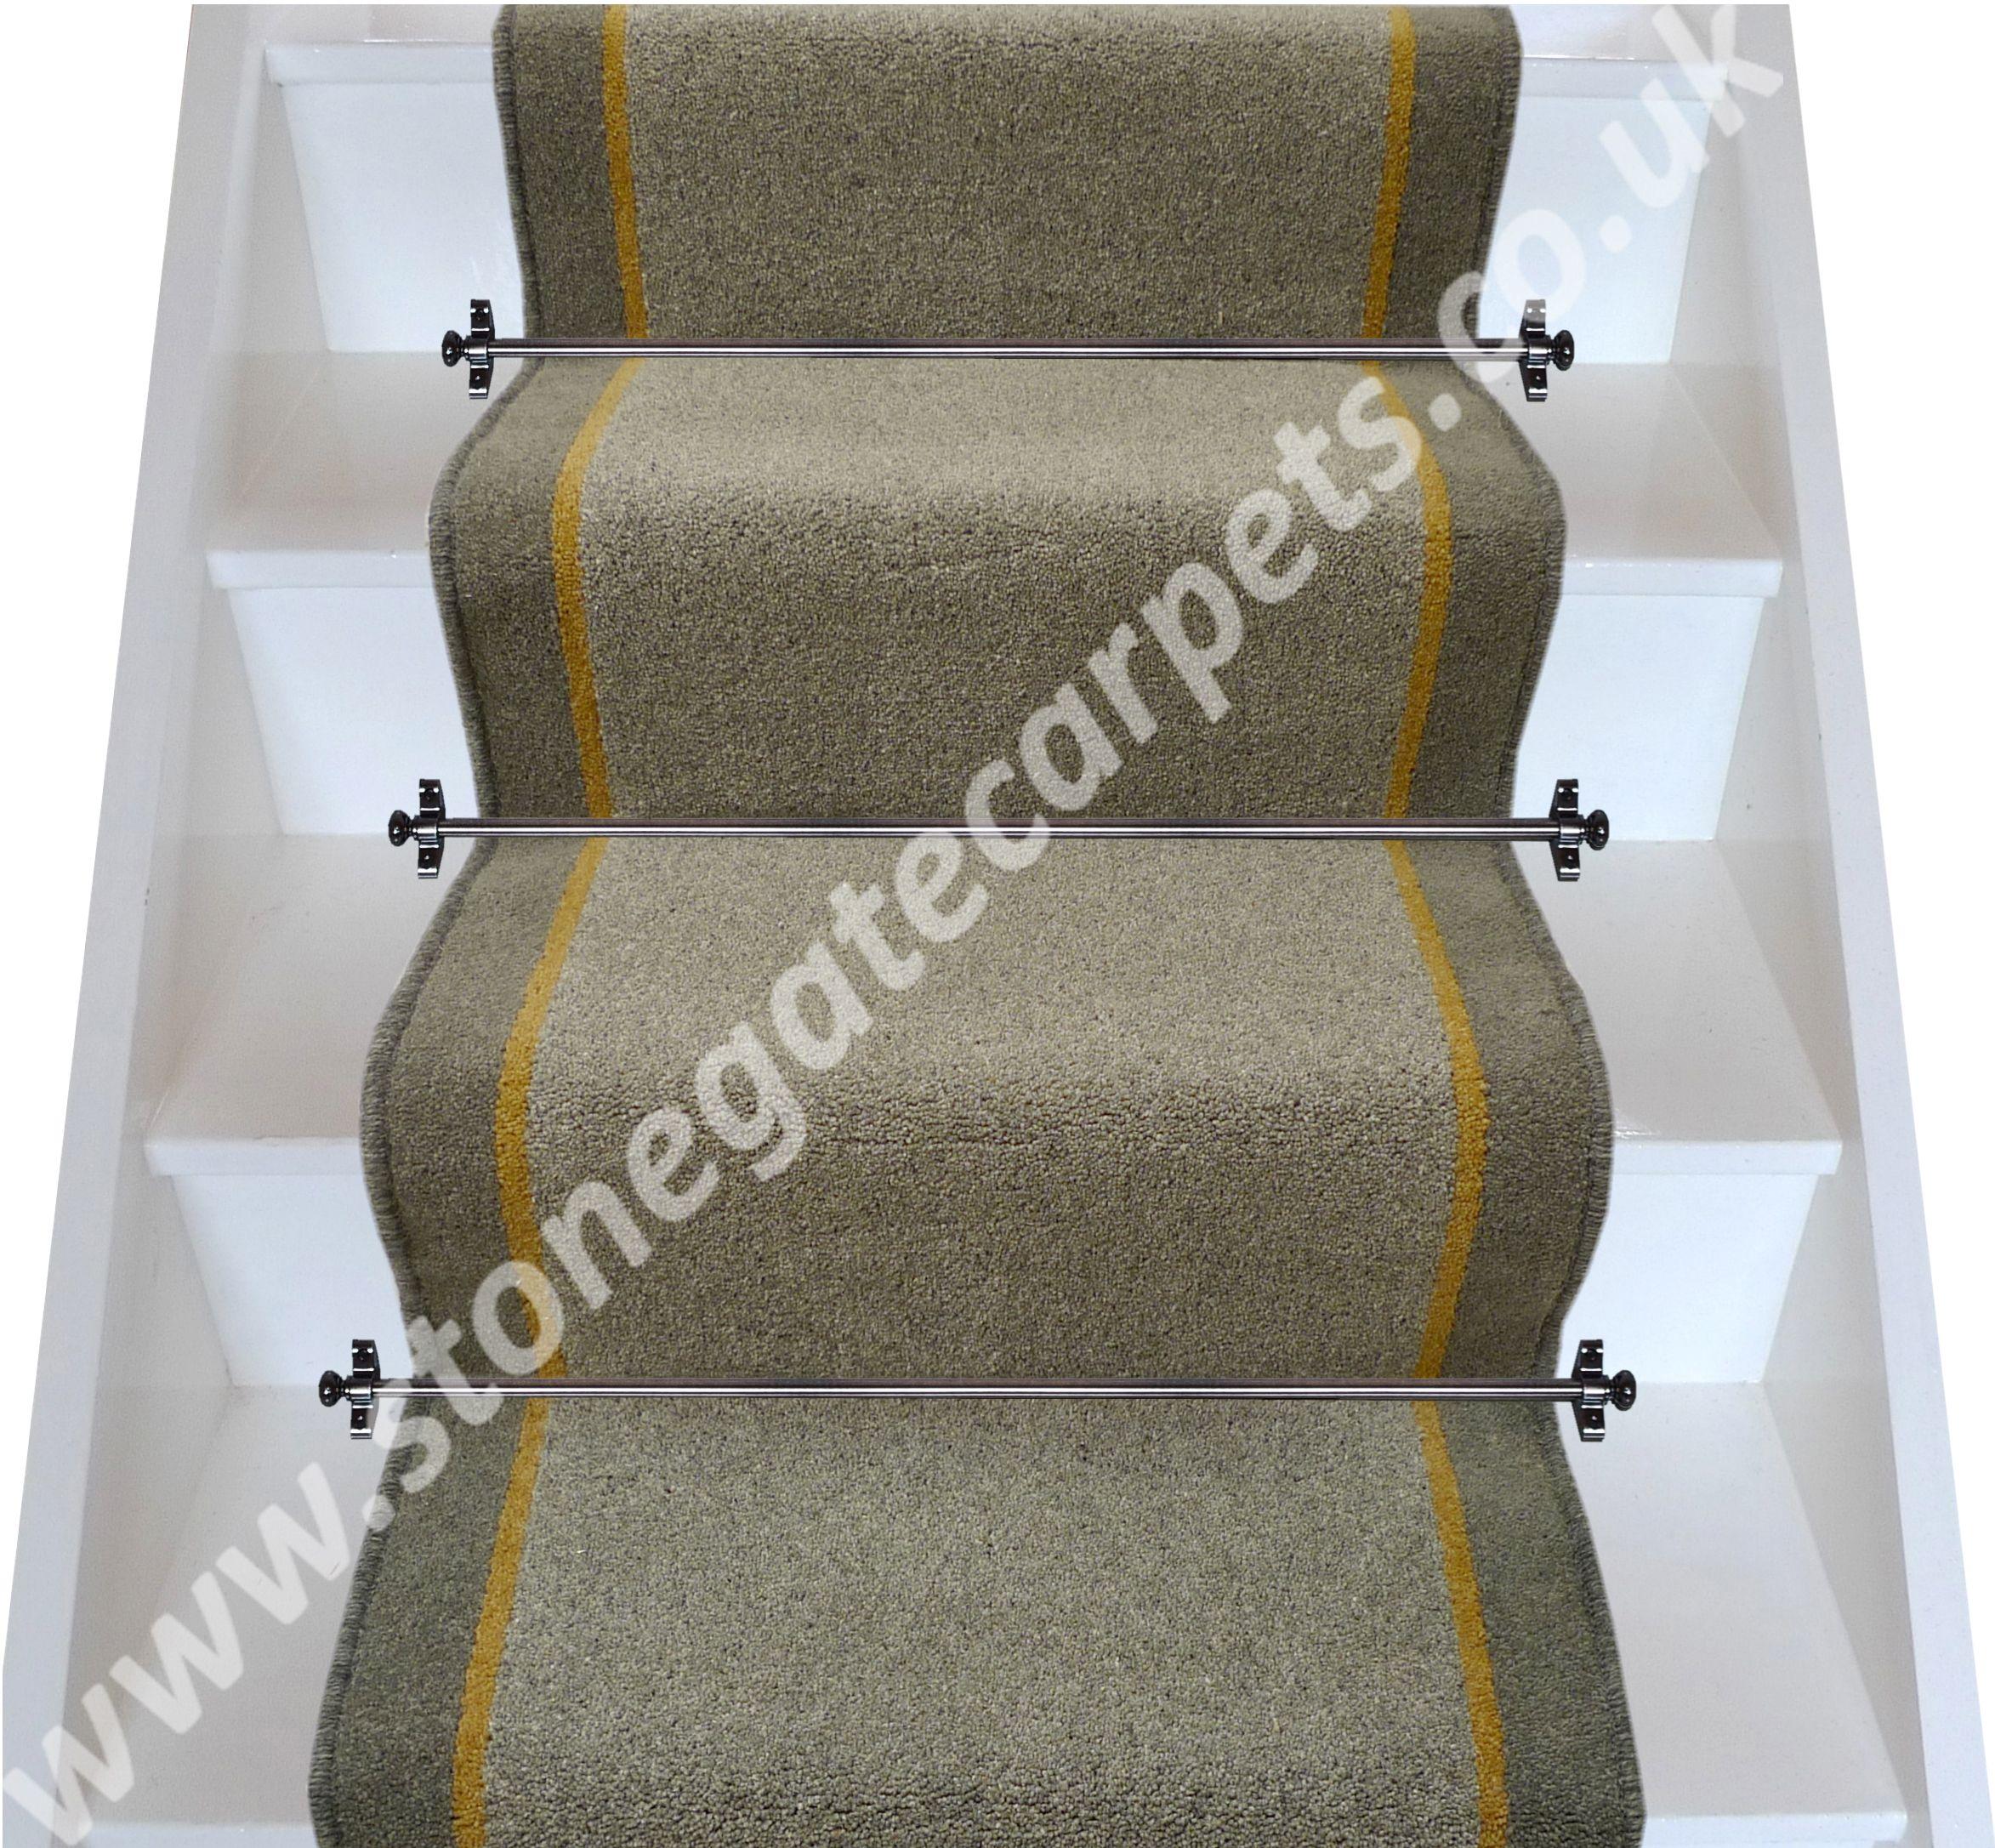 Stair Runner Brintons Granite Sepia Smoke Stair Runner Carpet Stair Runner Carpet Stairs